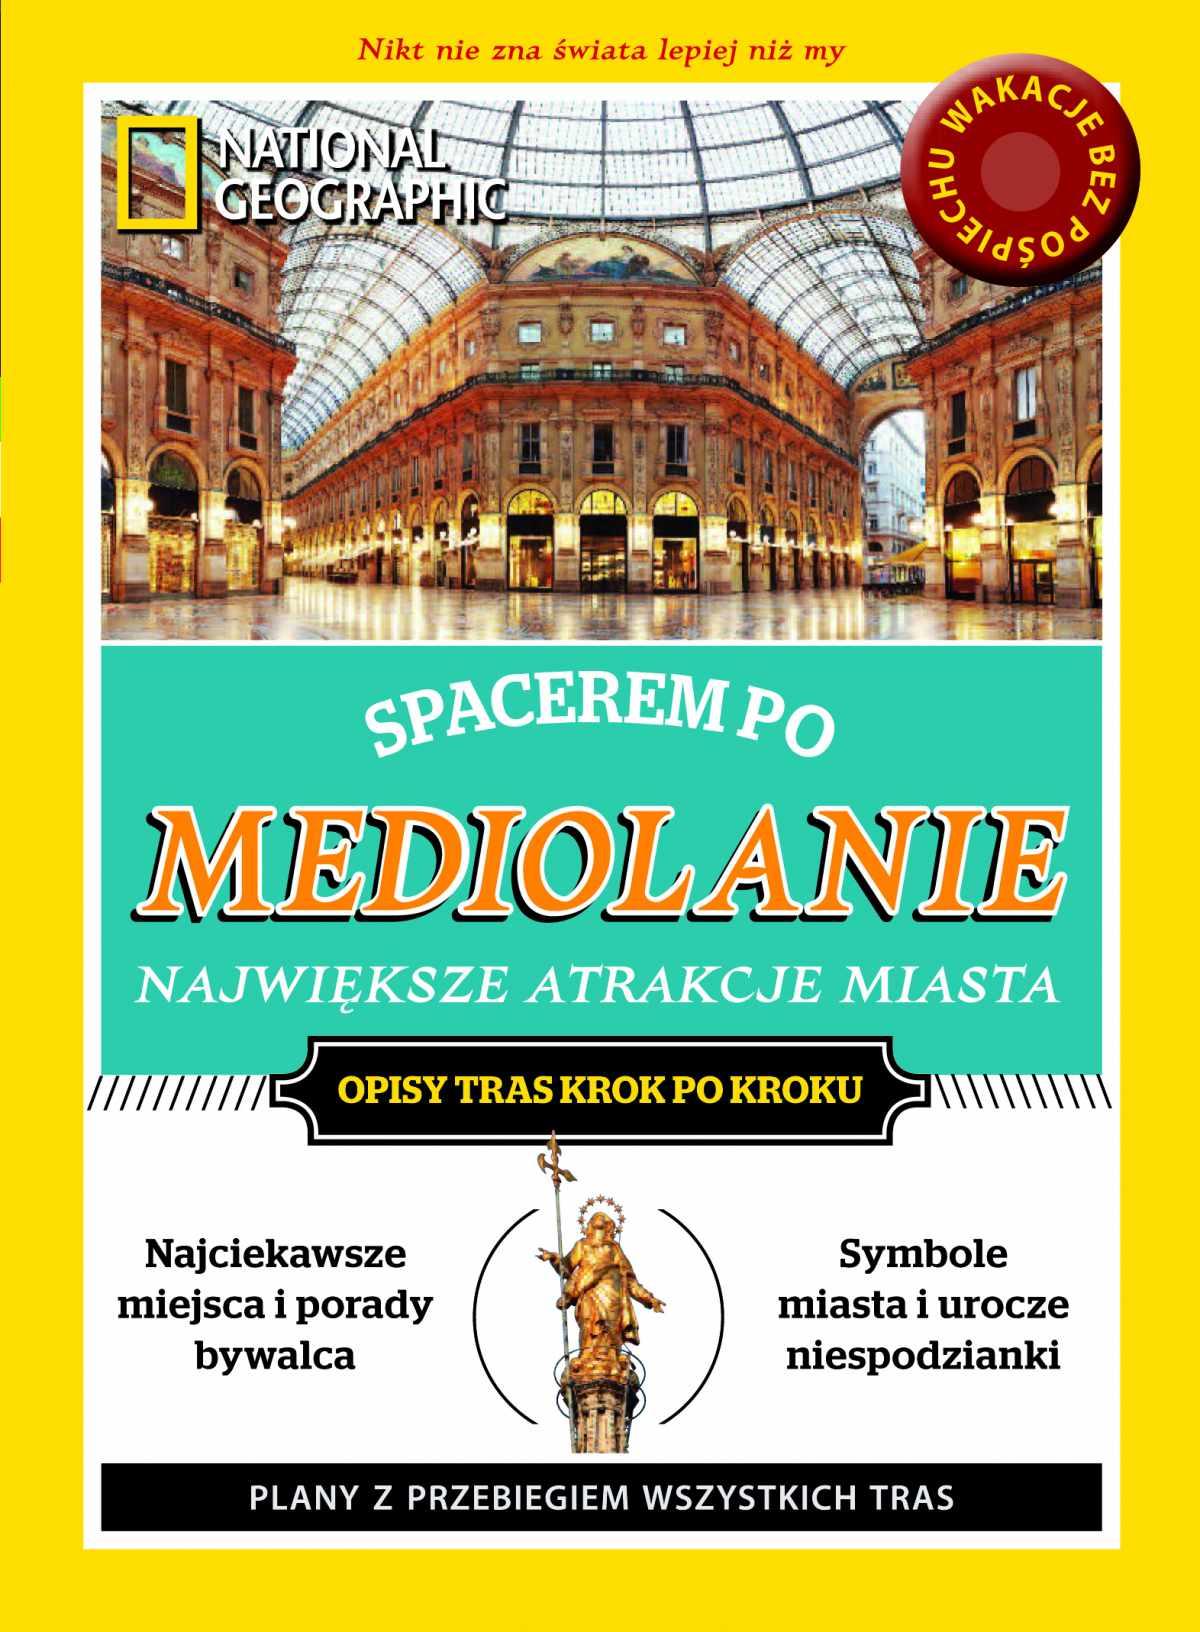 Spacerem po Mediolanie - Ebook (Książka EPUB) do pobrania w formacie EPUB